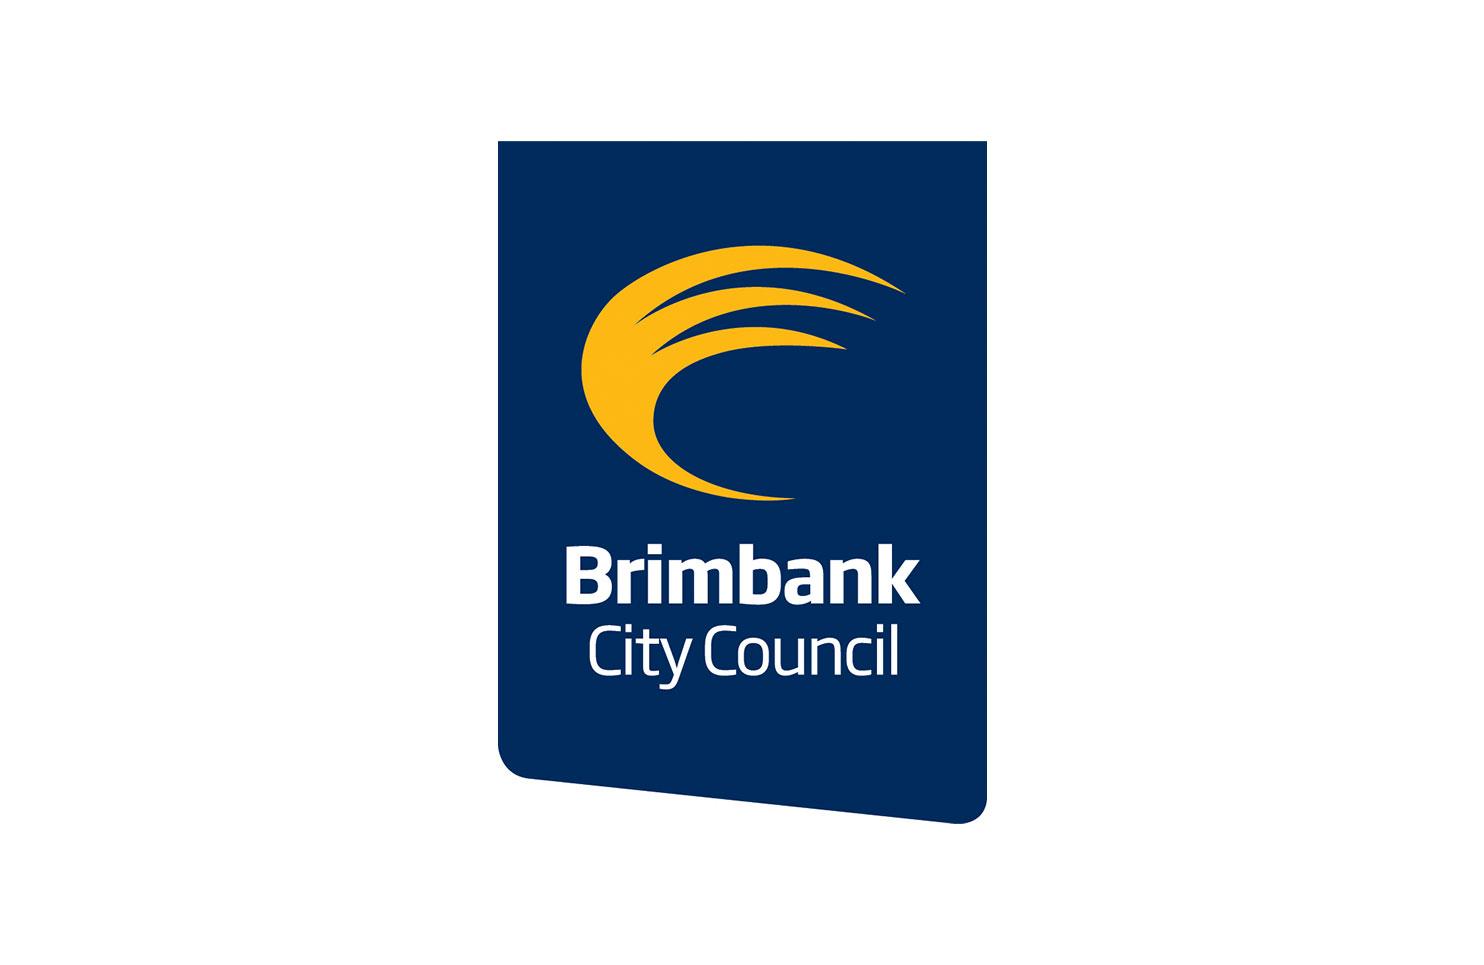 brimbank-city-council